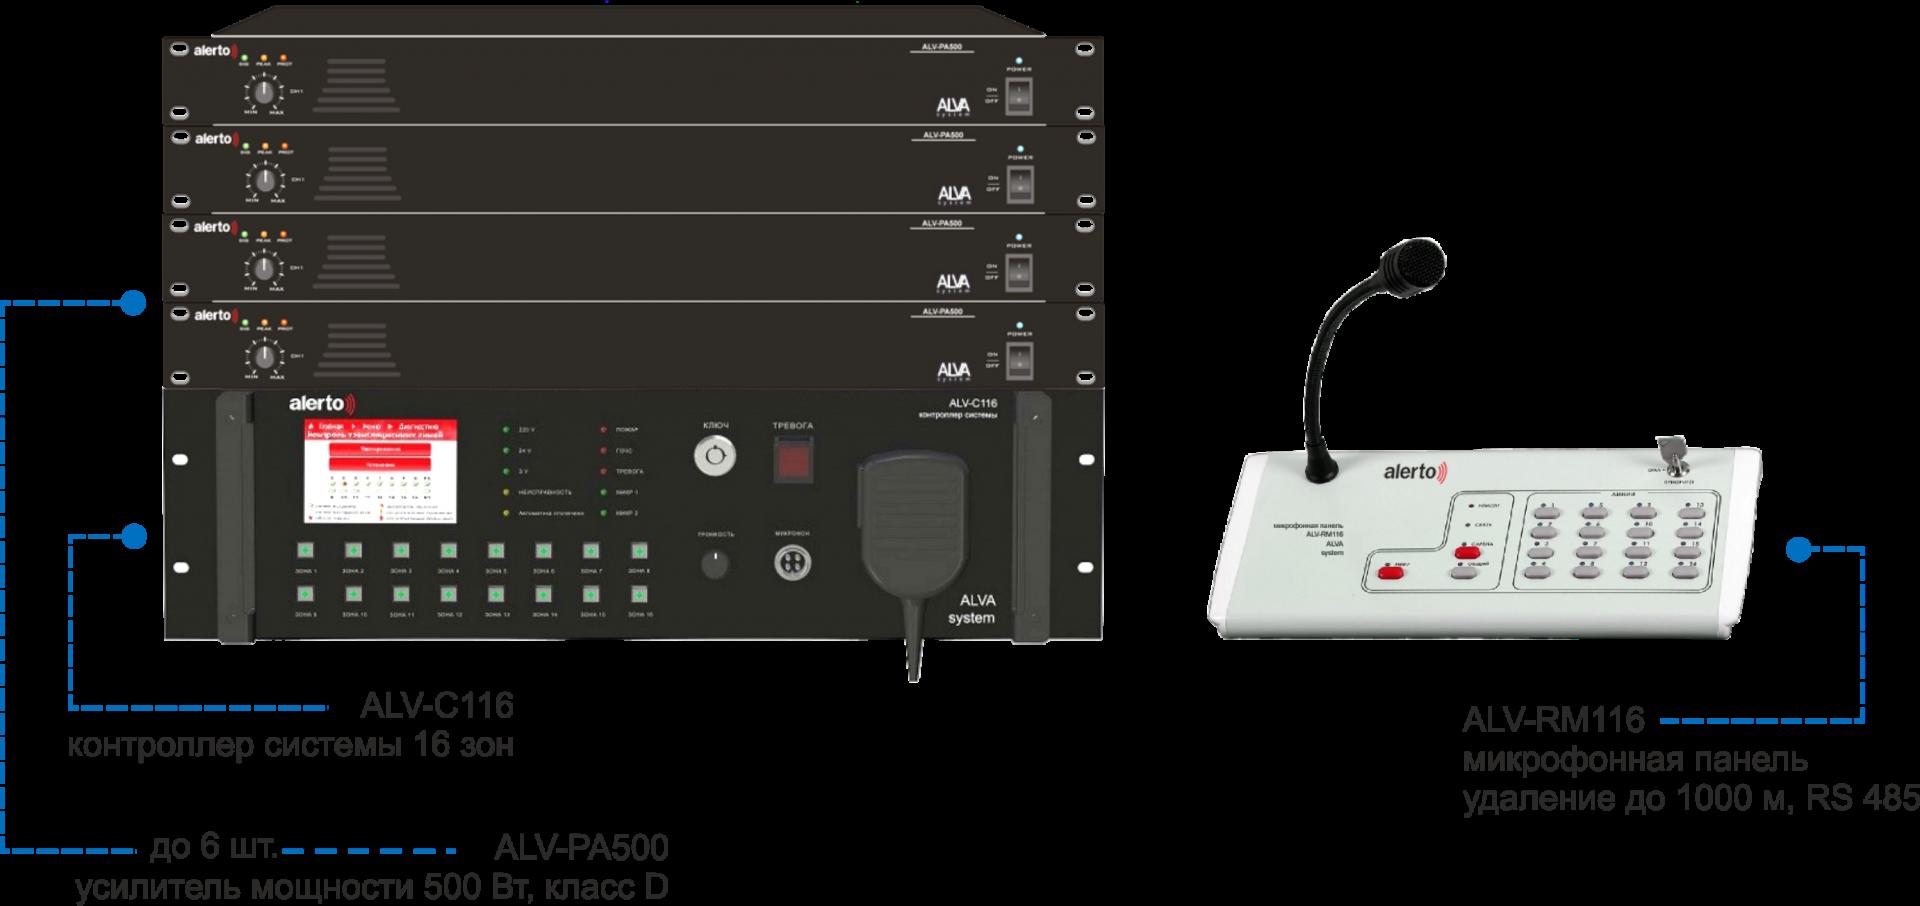 ФОТО 1 Схема ALVA System